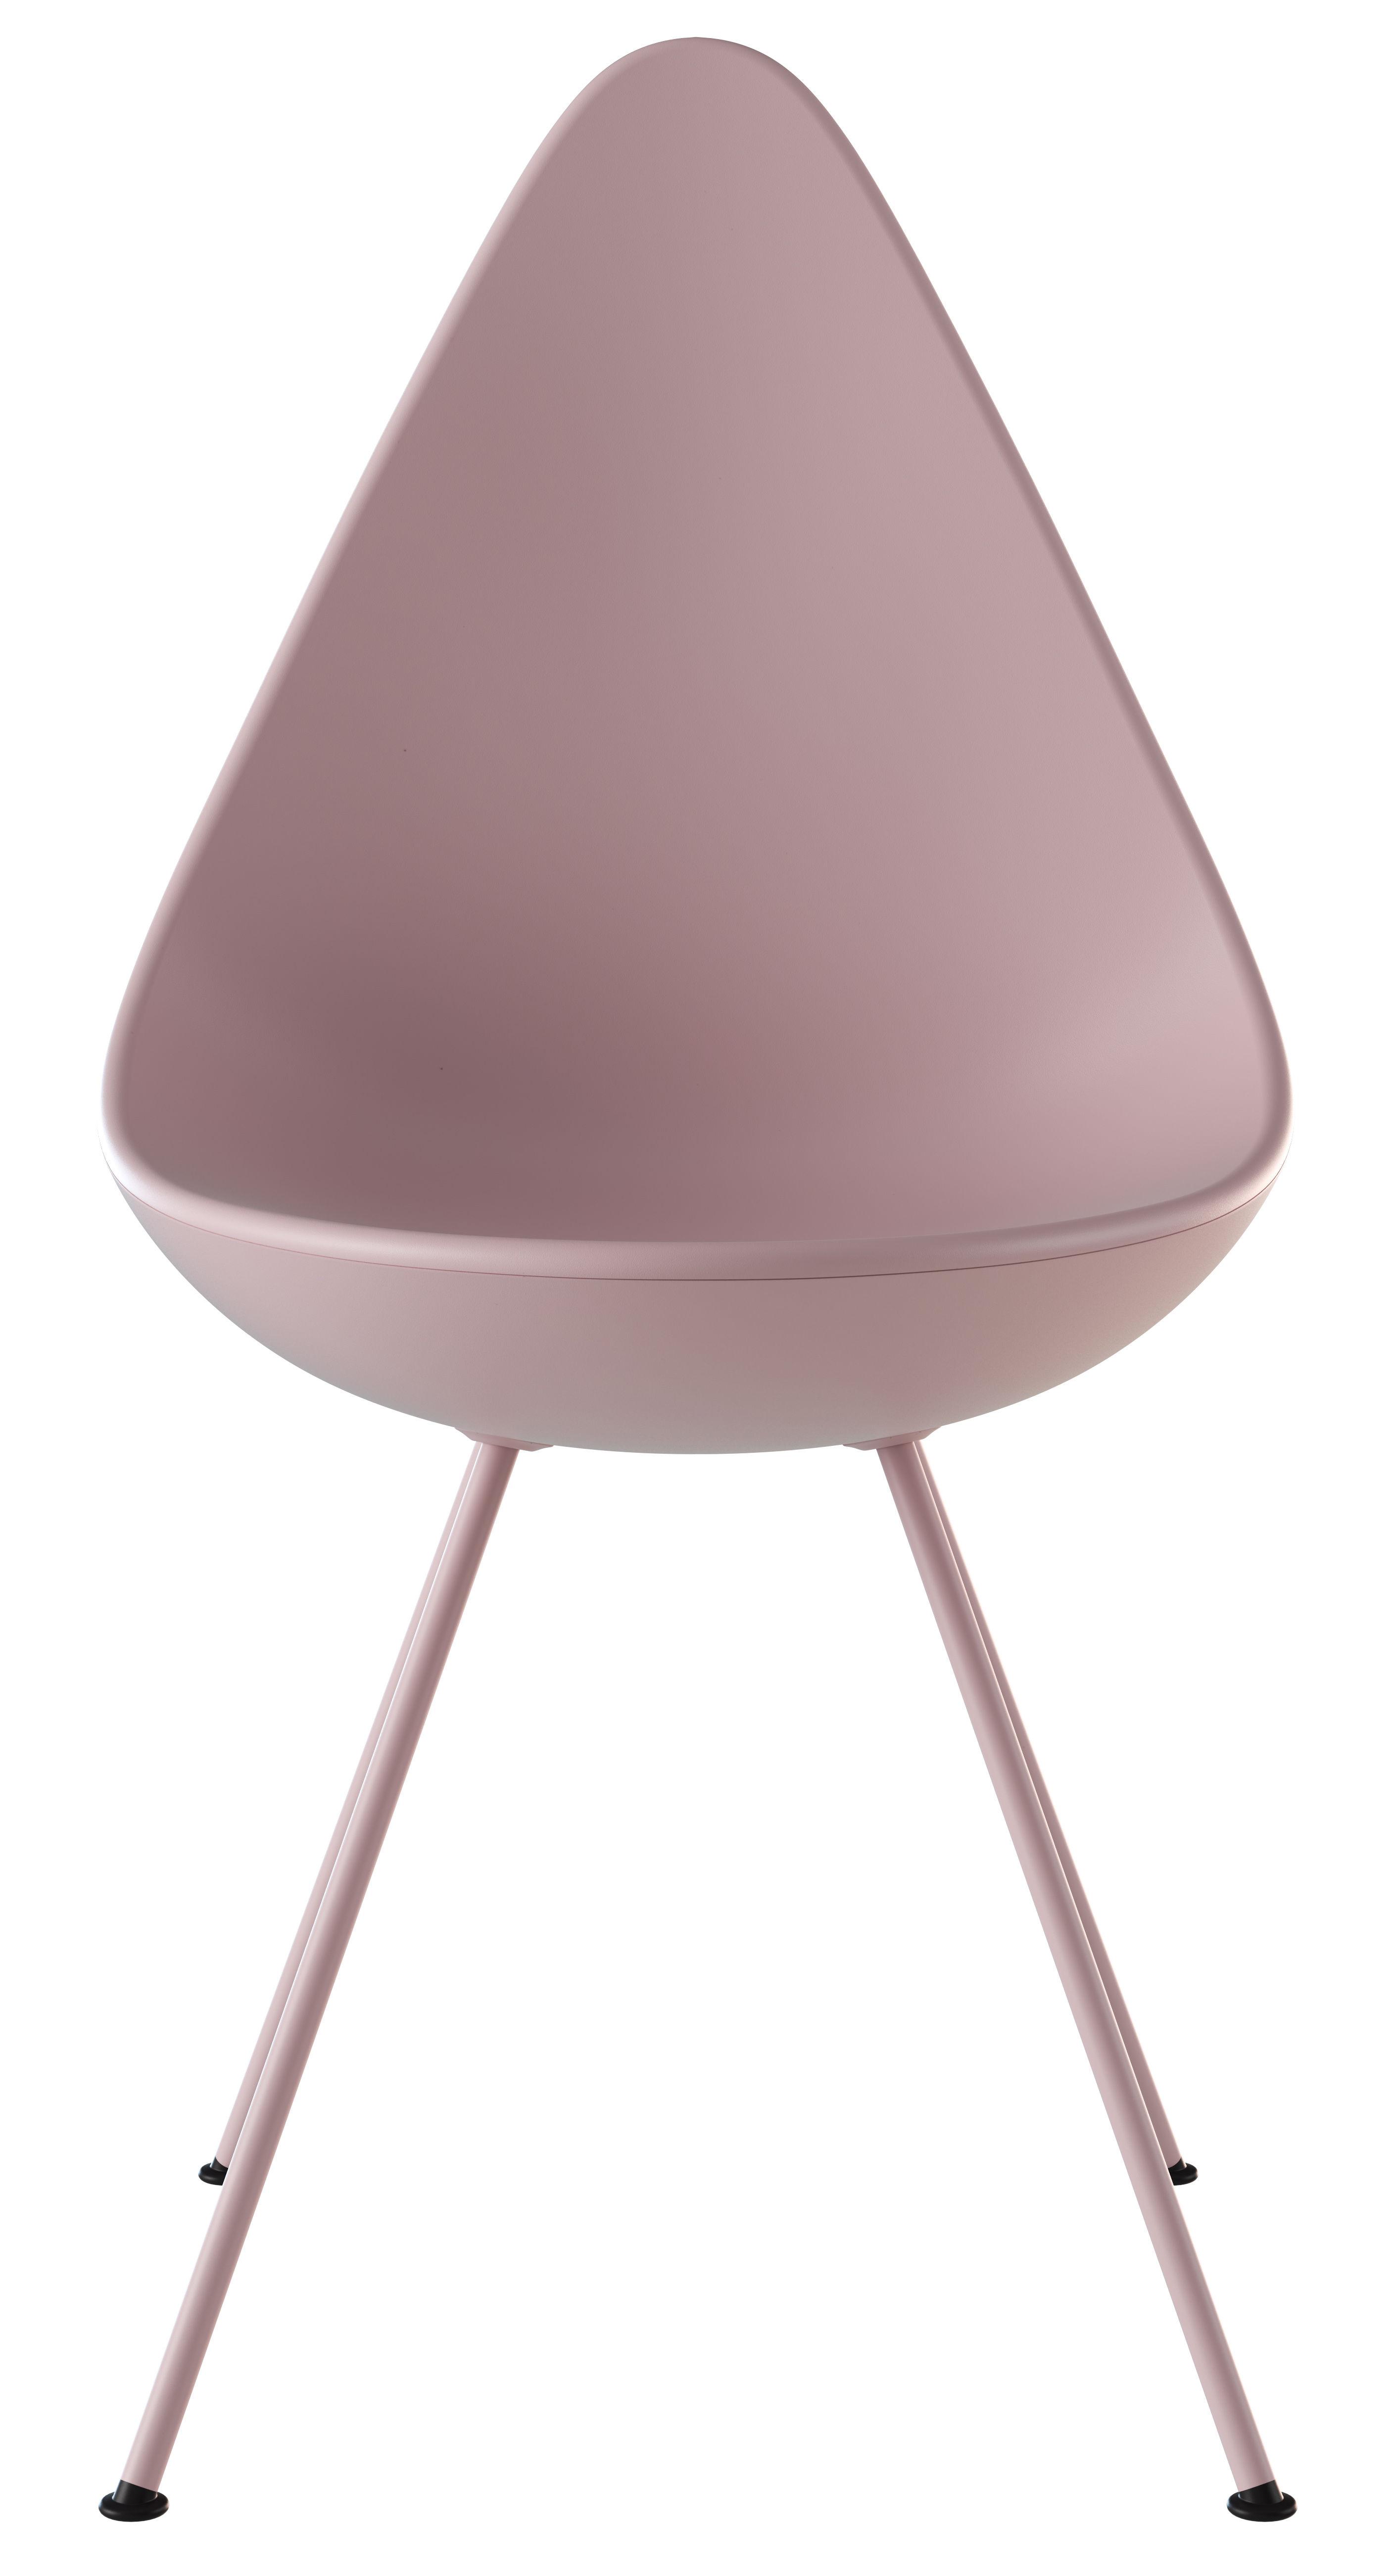 Mobilier - Chaises, fauteuils de salle à manger - Chaise Drop / Coque plastique - Réédition 1958 - Fritz Hansen - Rose - Acier laqué, Nylon, Plastique ABS